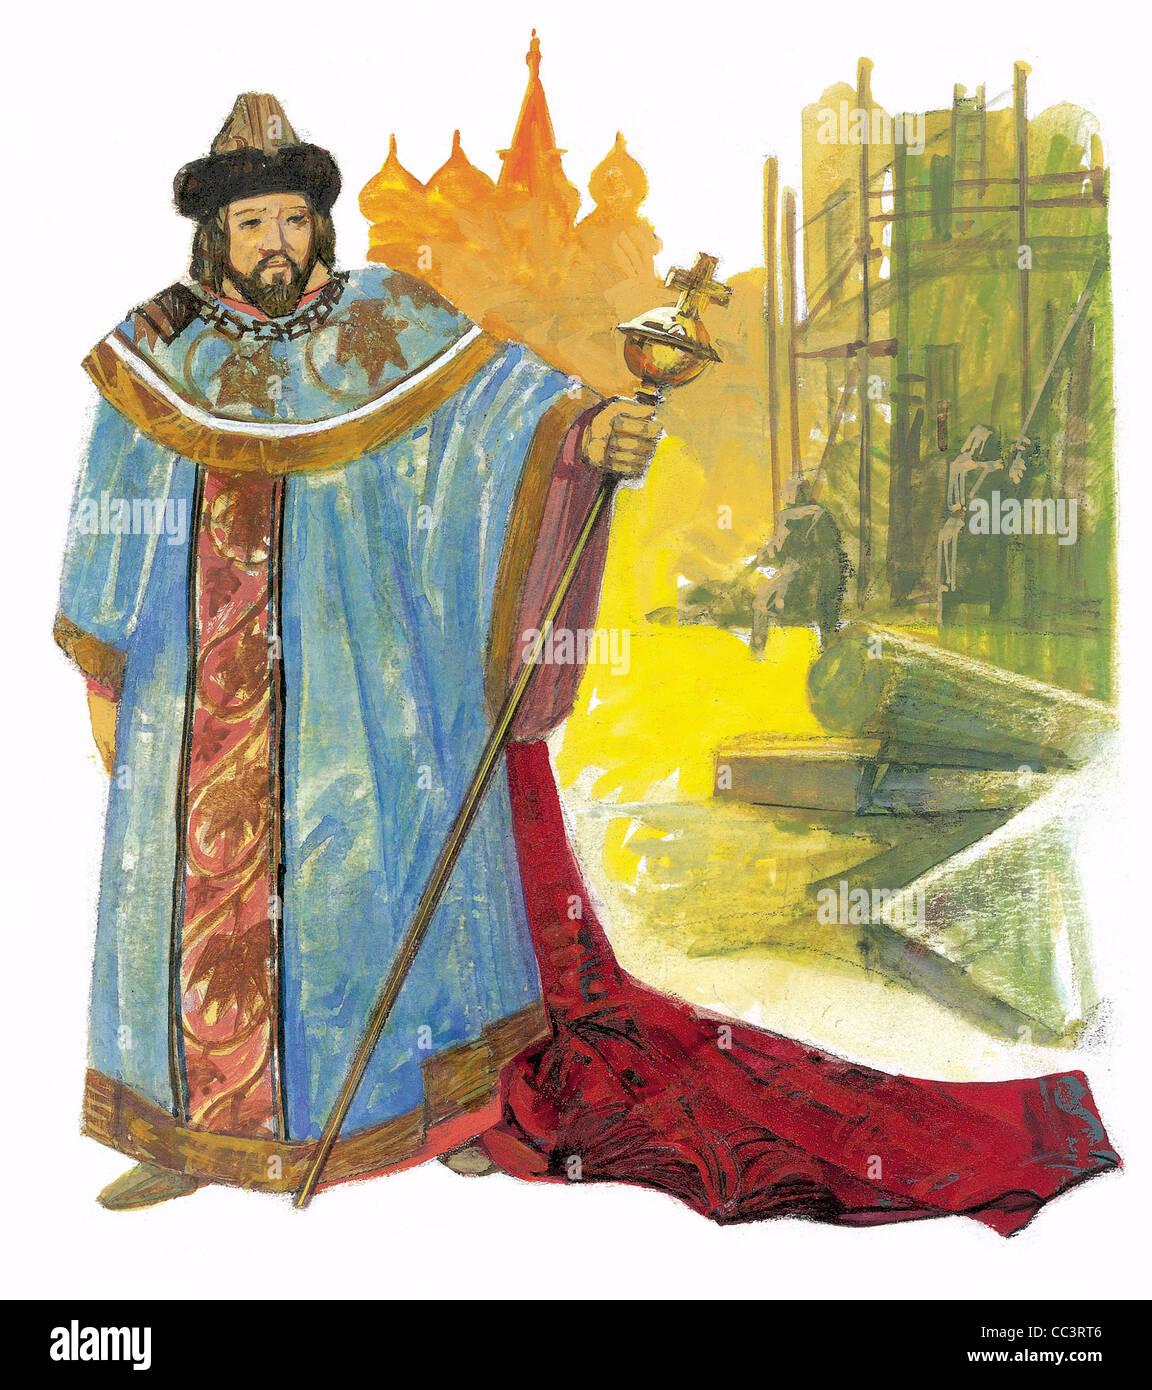 La Russie, 16ème siècle. J'ai(van IV (1530-1584), connu sous le nom de Ivan le Terrible. C'était Photo Stock